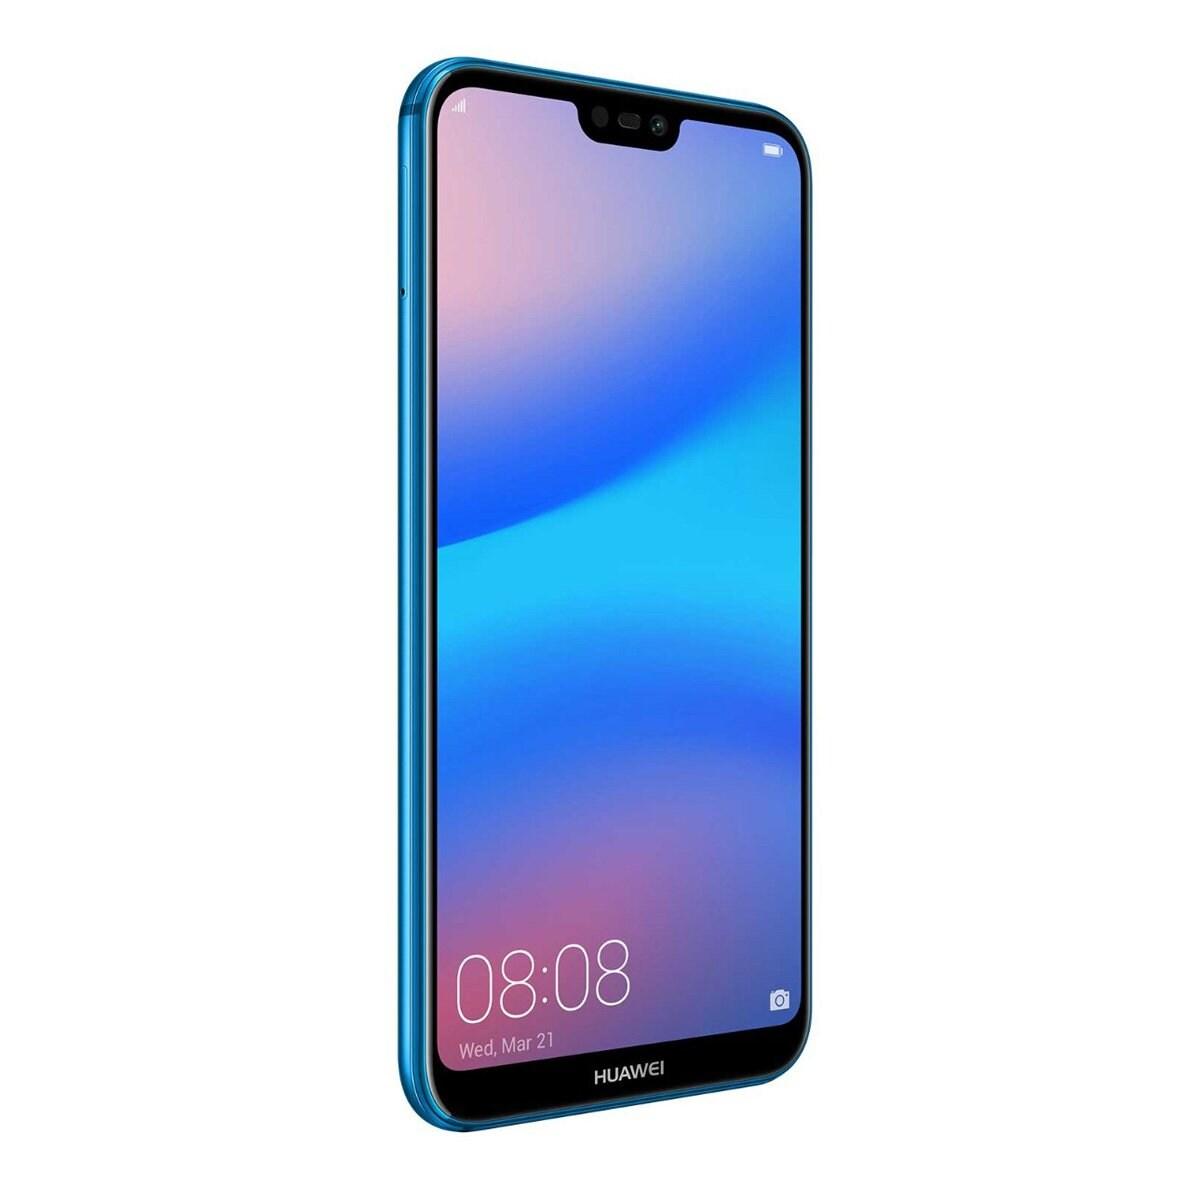 Celular Huawei P20 Lite Ane-Lx3 Color Azul R9 (Telcel)